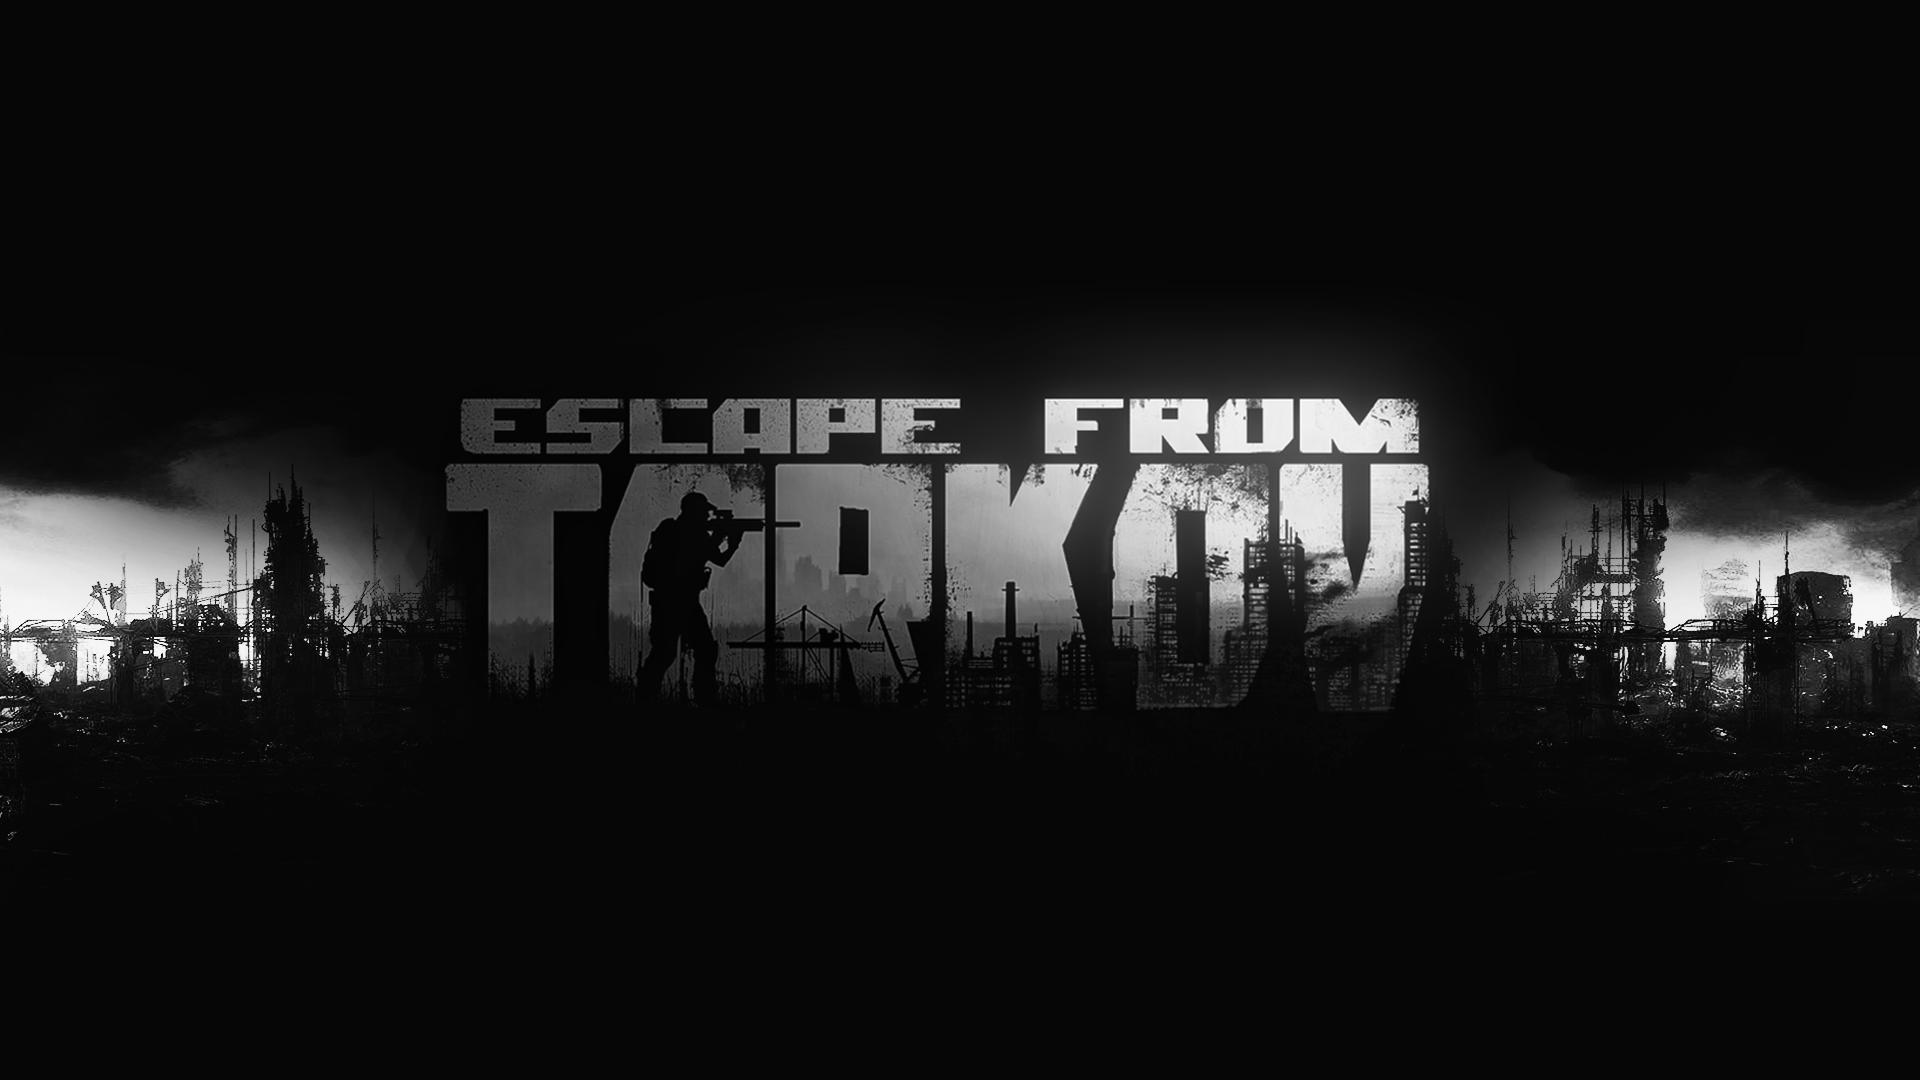 В трейлере патча 0.8 для Escape from Tarkov показали новую карту, оружие и снаряжение